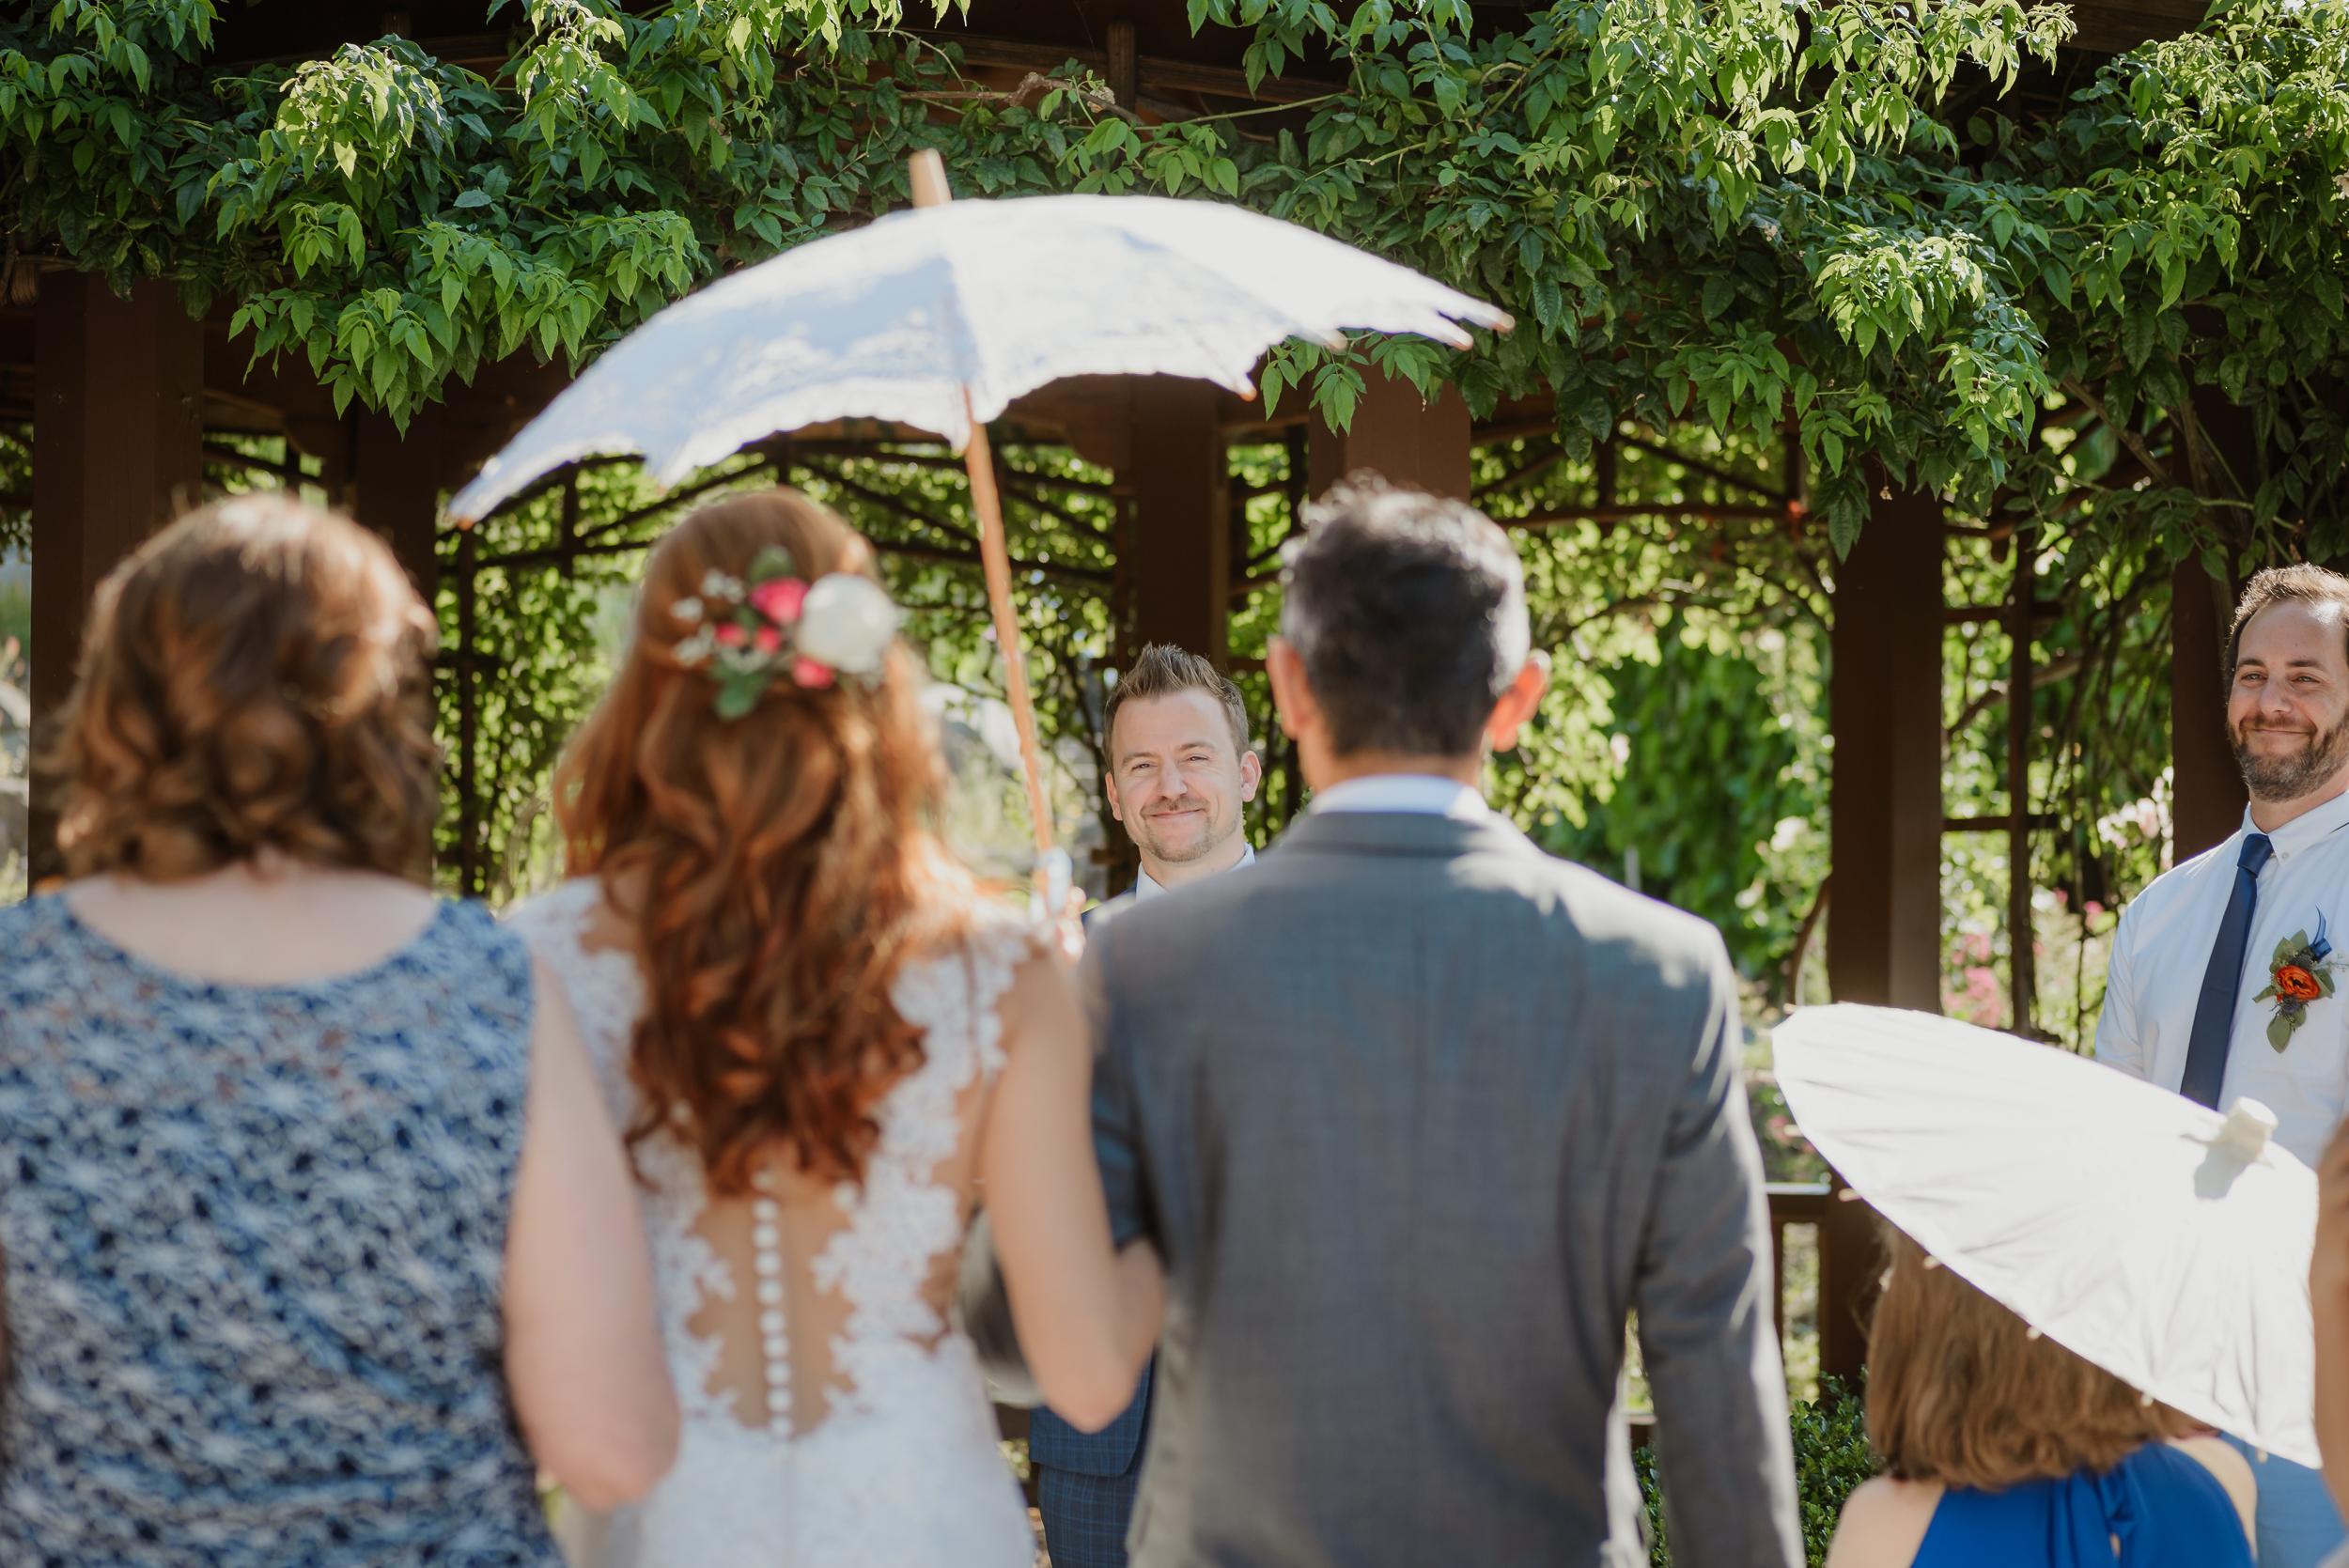 29-walnut-creek-gardens-heather-farms-wedding-vivianchen-226.jpg